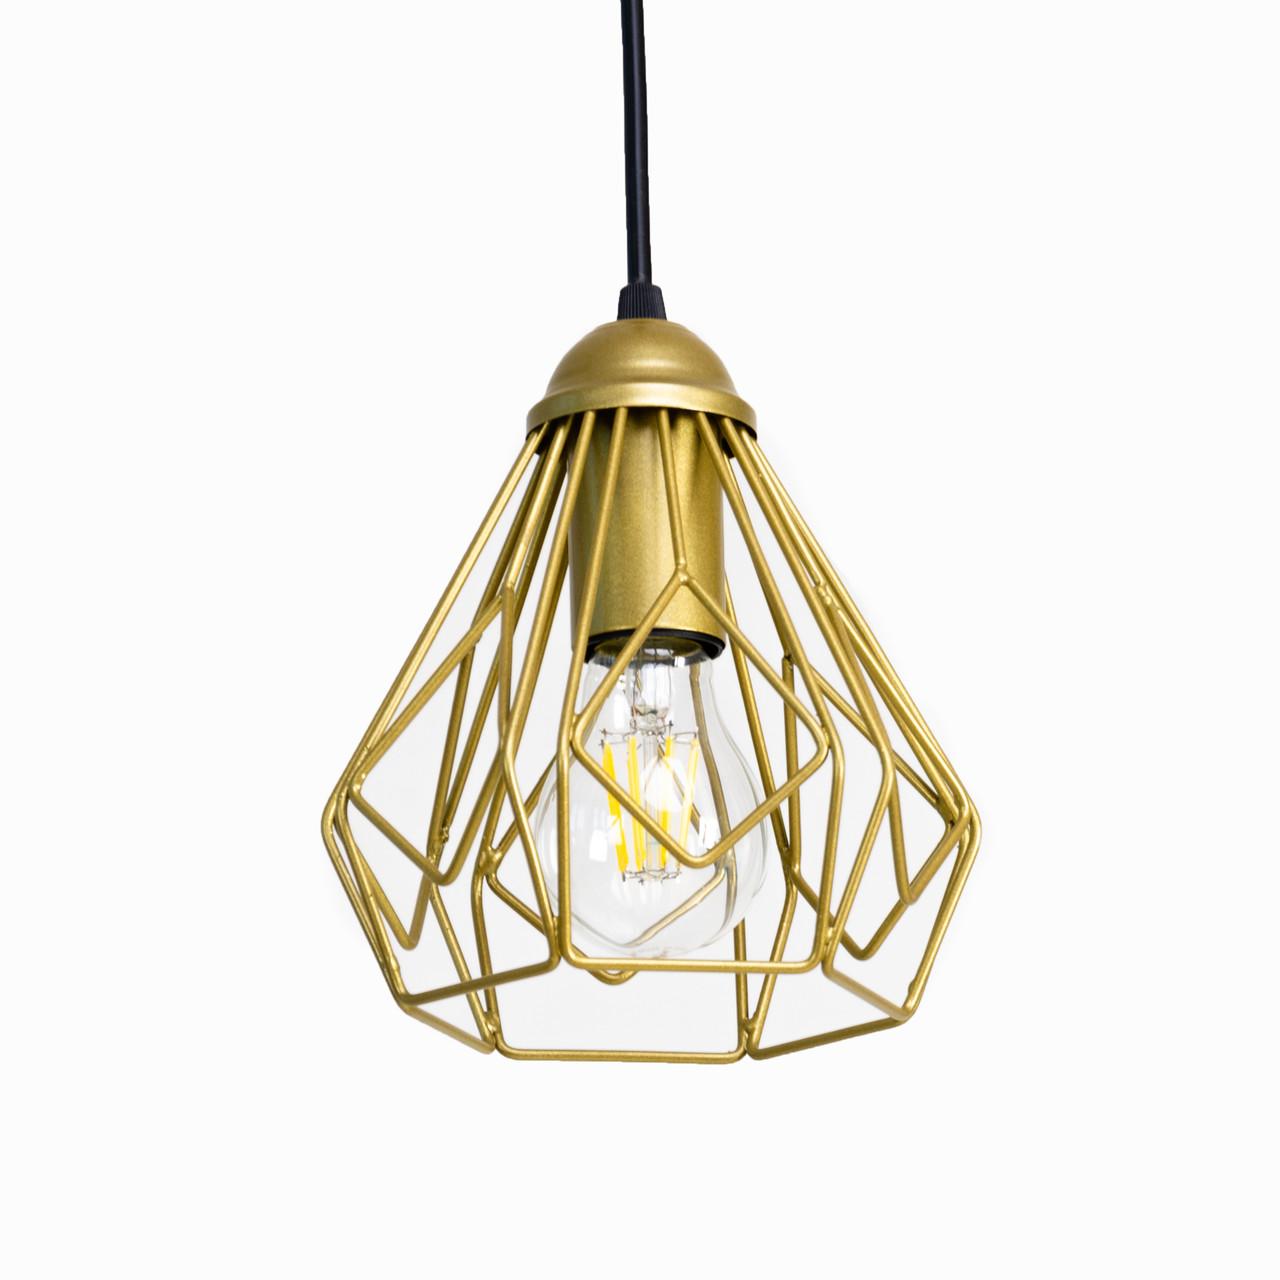 Светильник потолочный Atmolight Bevel P165 Золото (1326)